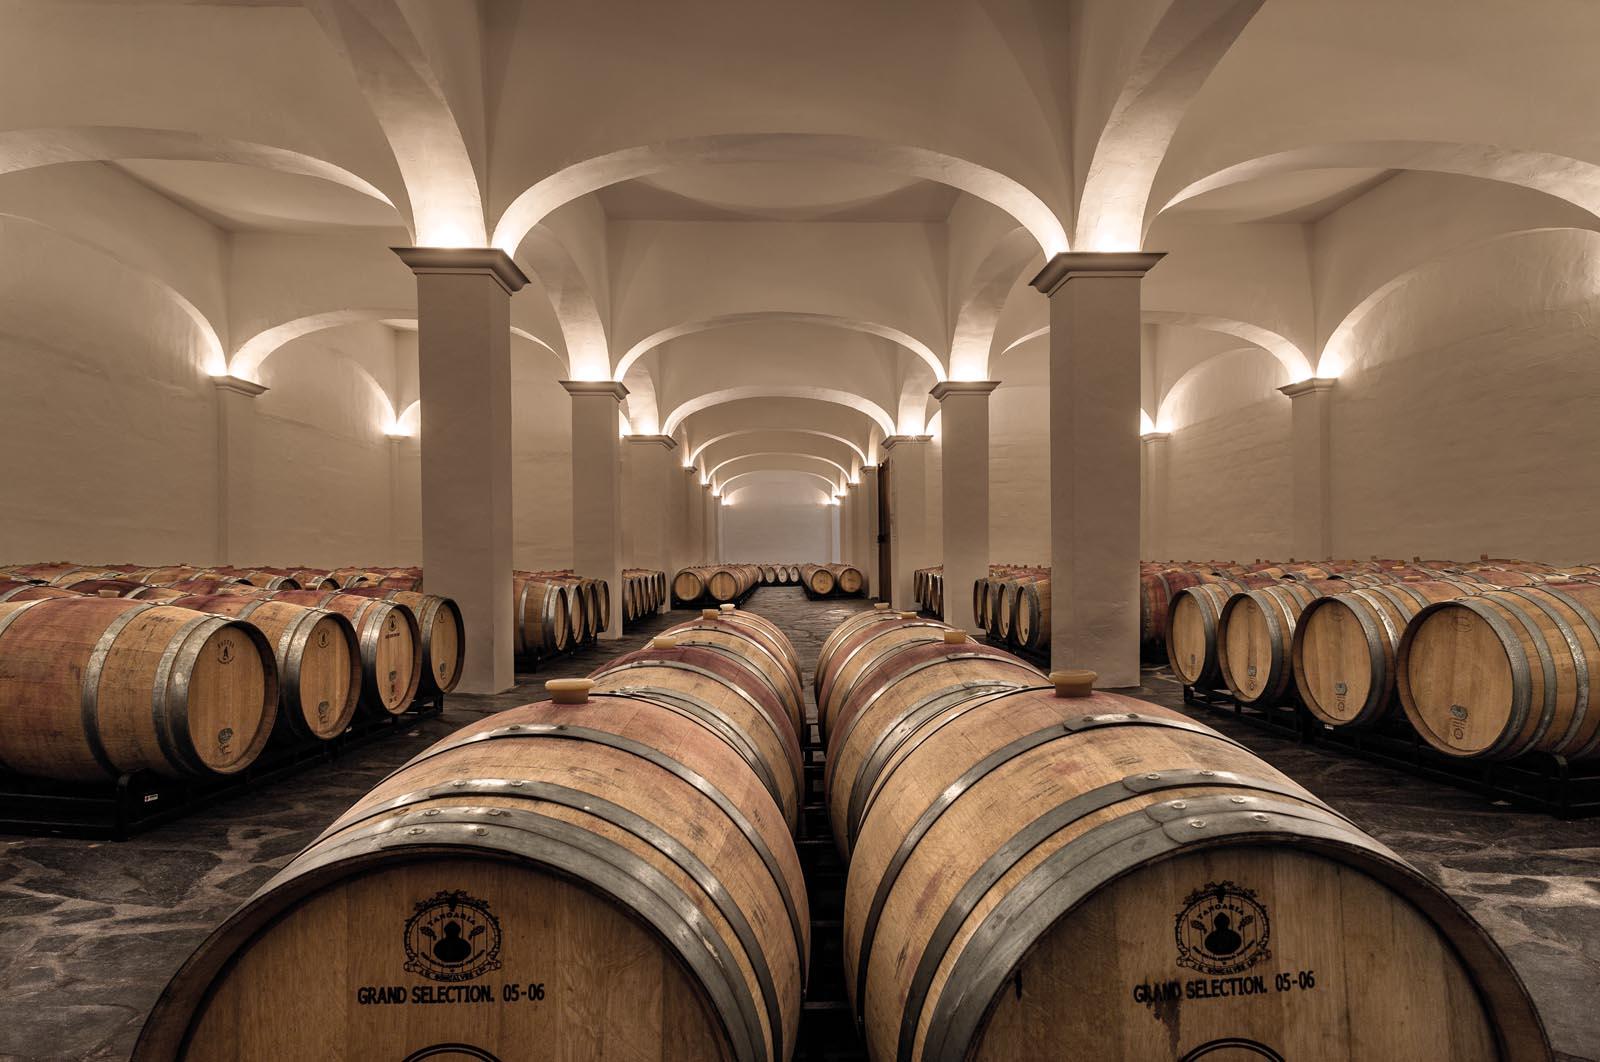 Herdade das Servas - Winegrowing Legacy